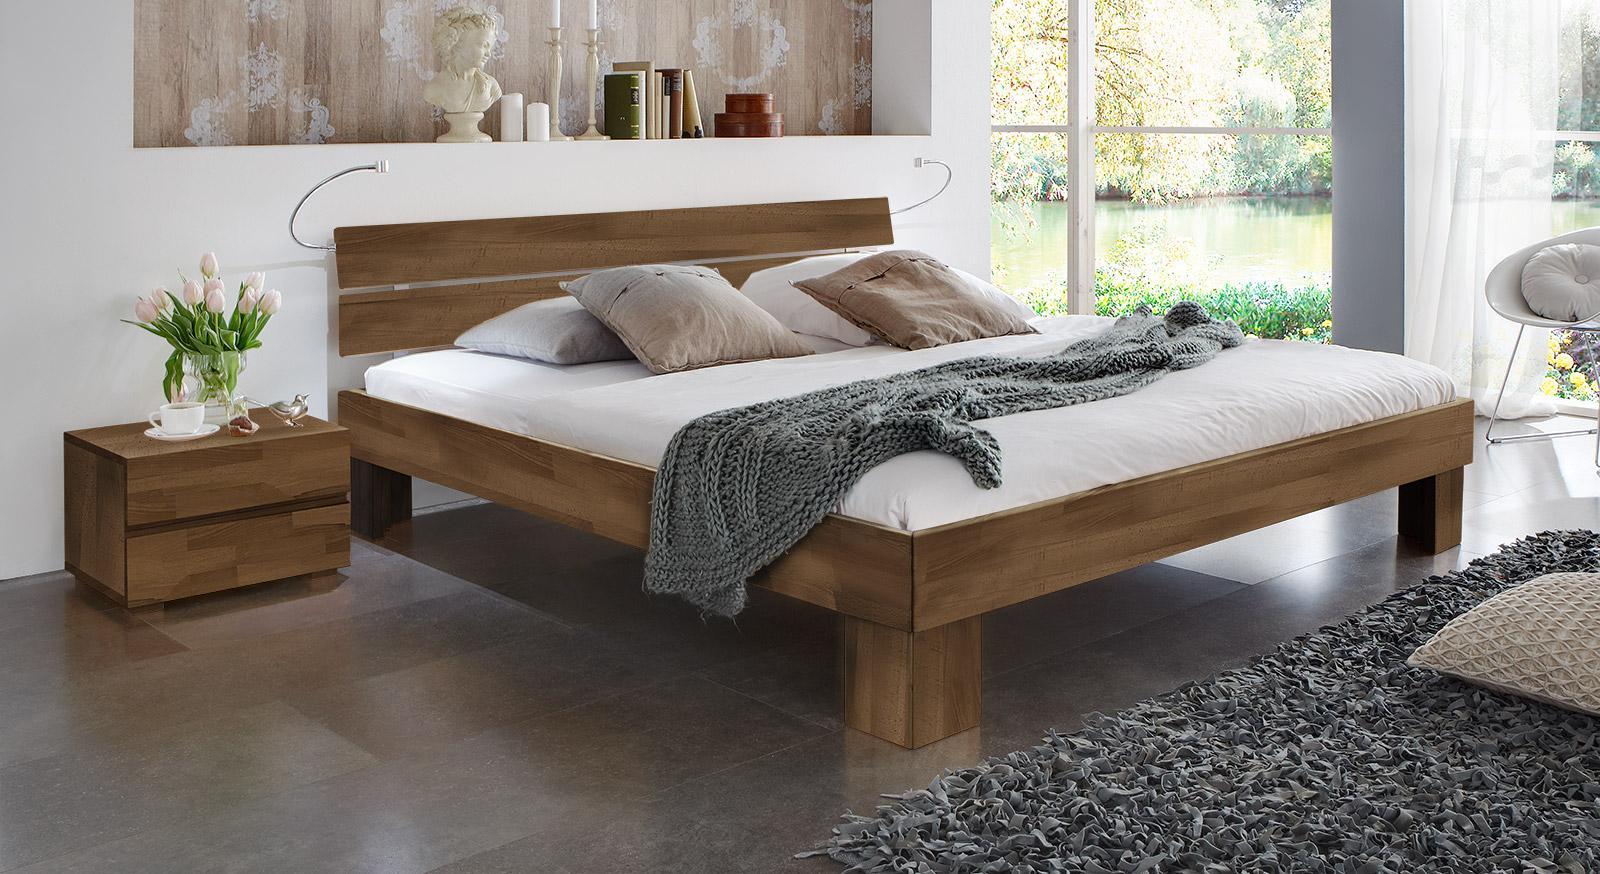 Bett Lucca Komfort in Buche nussbaum mit einer Fußhöhe von 25cm